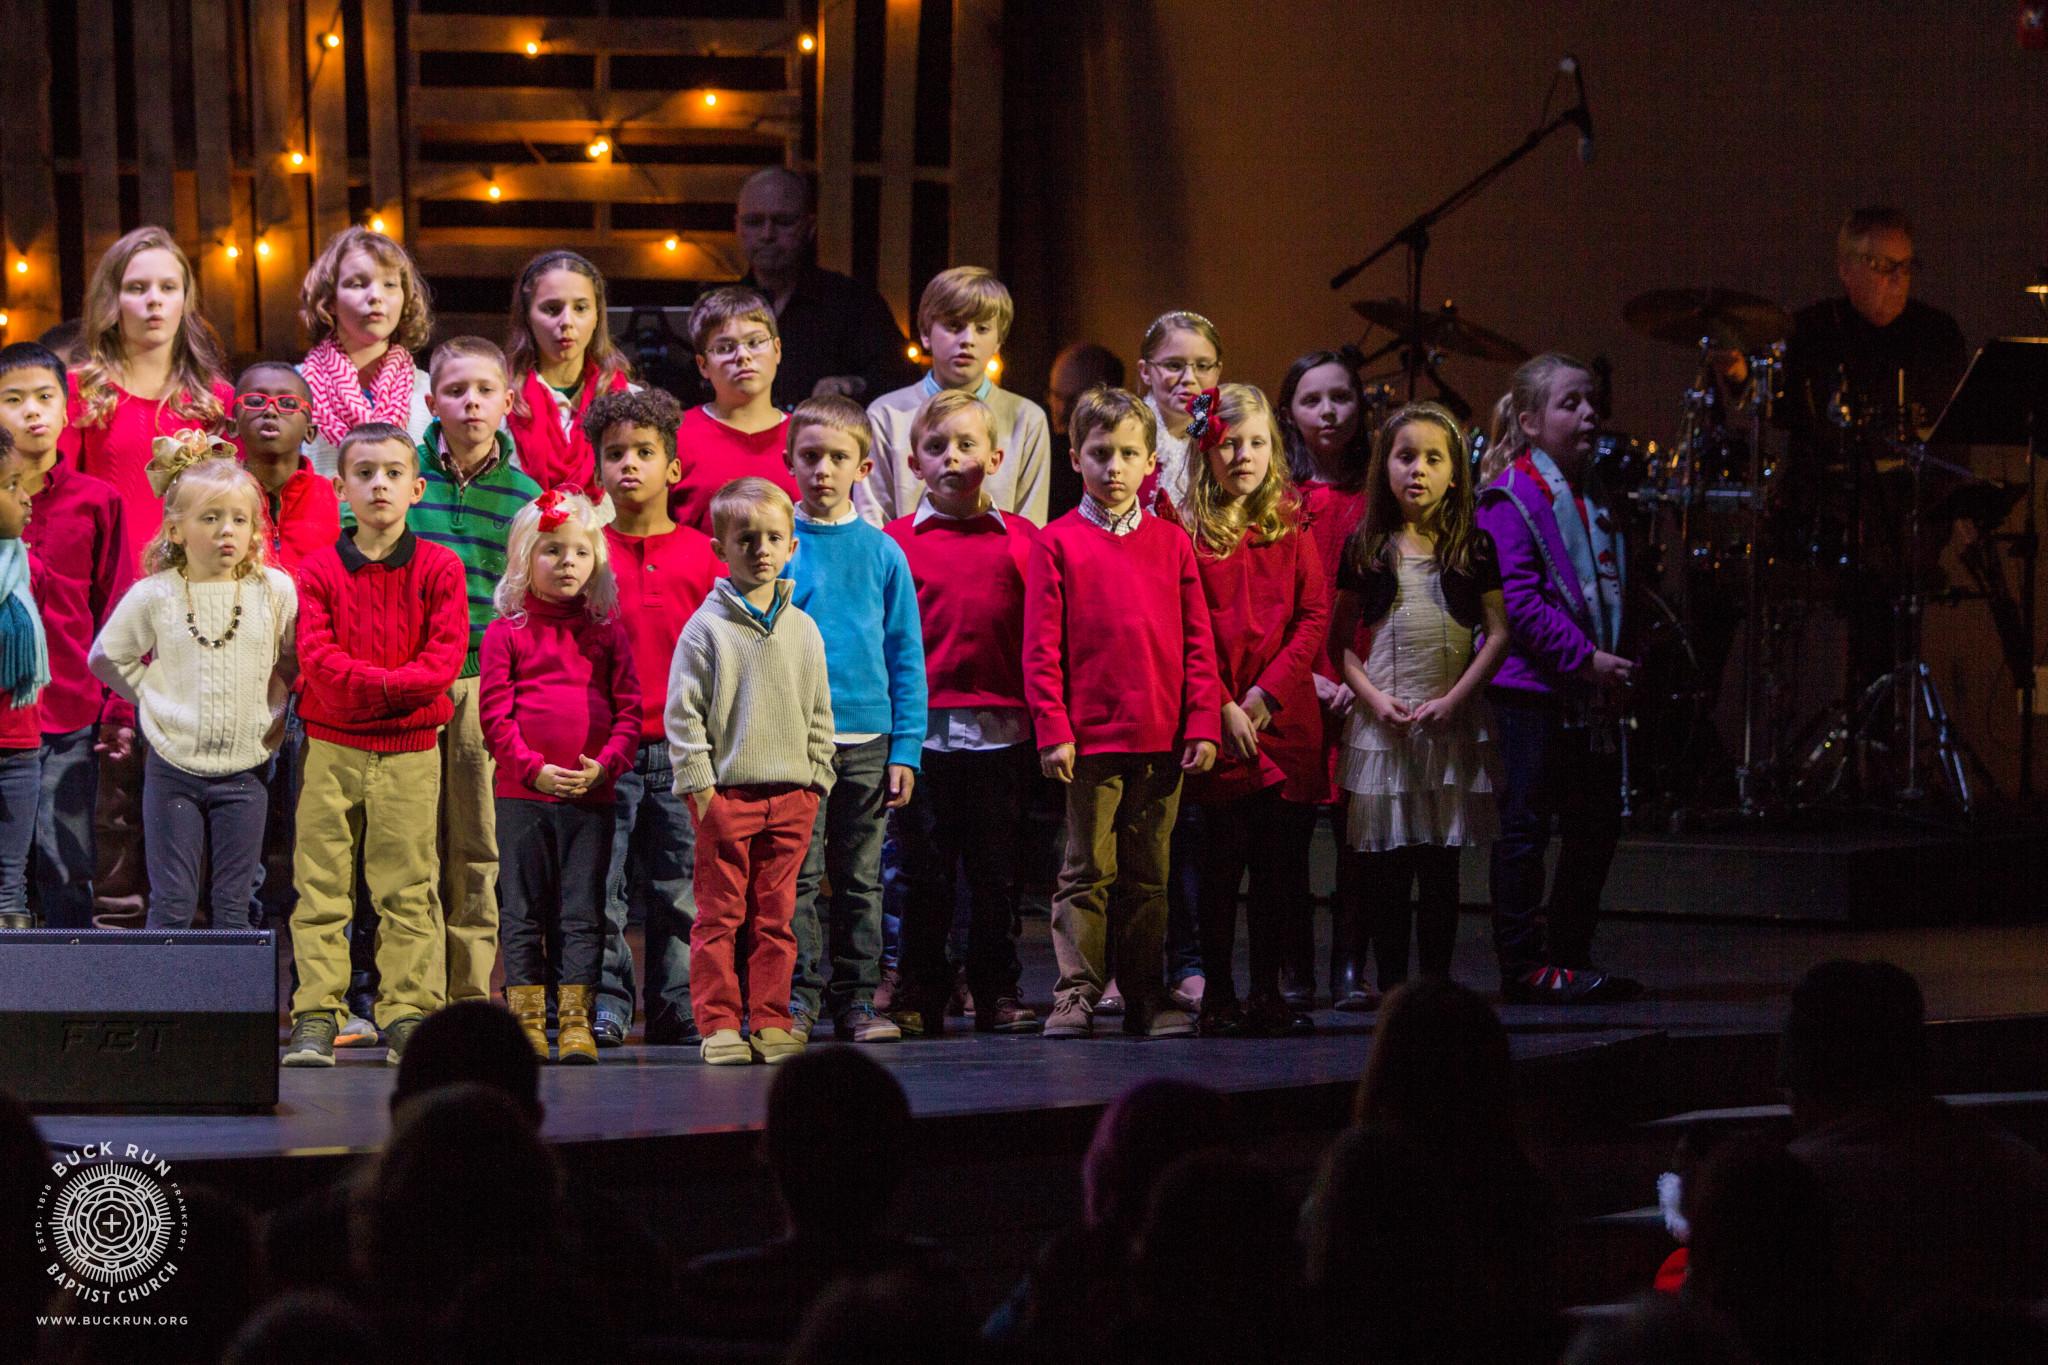 Hosanna Christmas Concert 2019 Hosanna christmas concert 222 | Buck Run Baptist Church